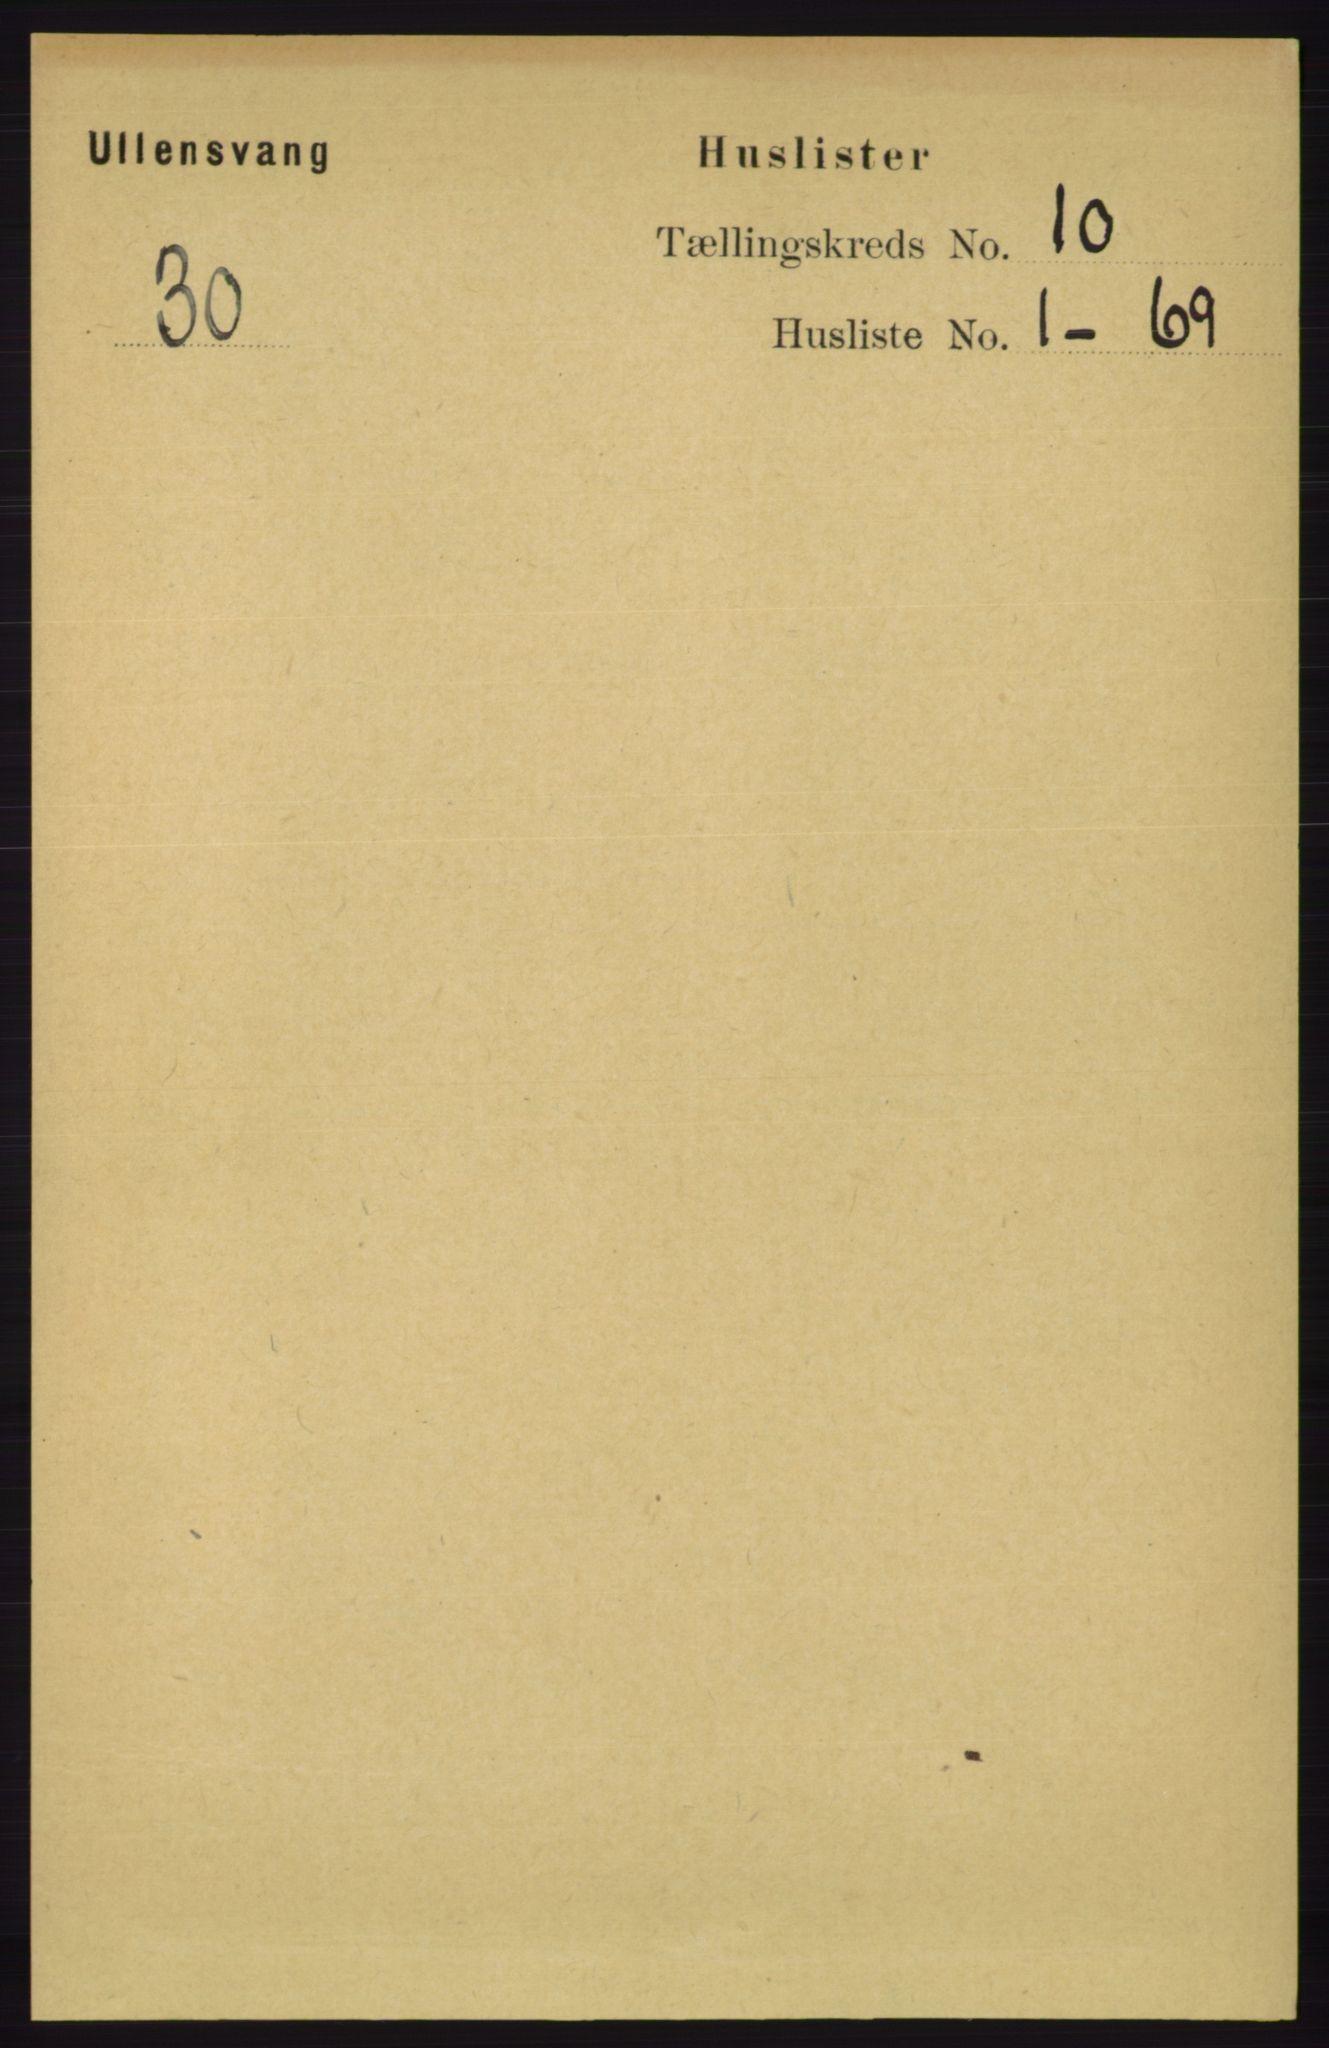 RA, Folketelling 1891 for 1230 Ullensvang herred, 1891, s. 3681